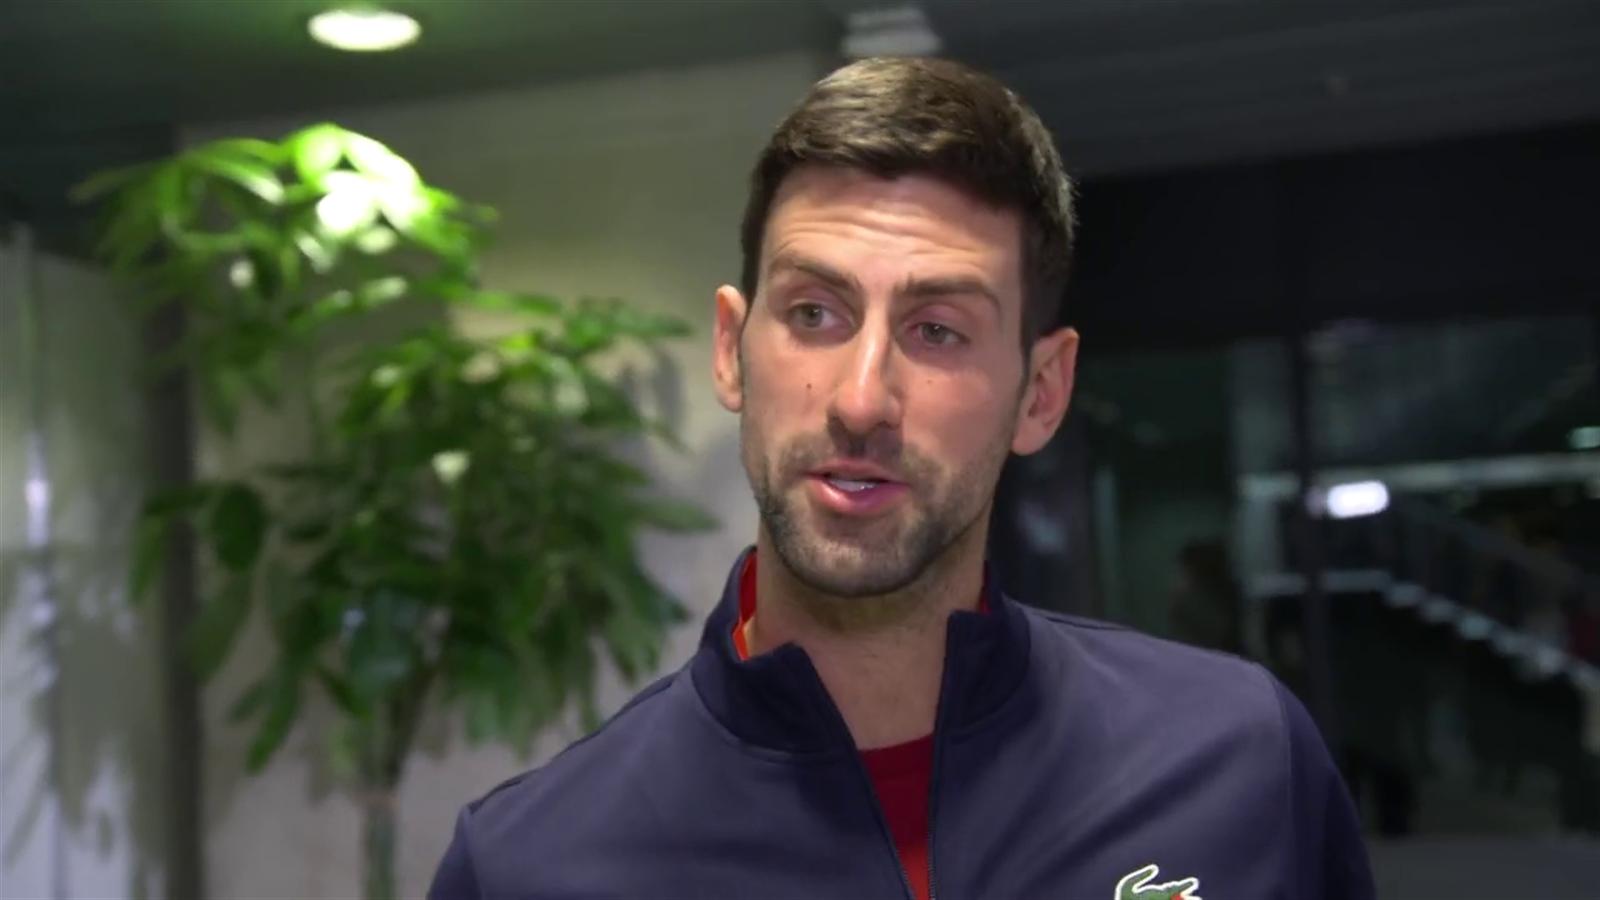 Novak Djokovic: I love playing for Serbia - Eurosport.com